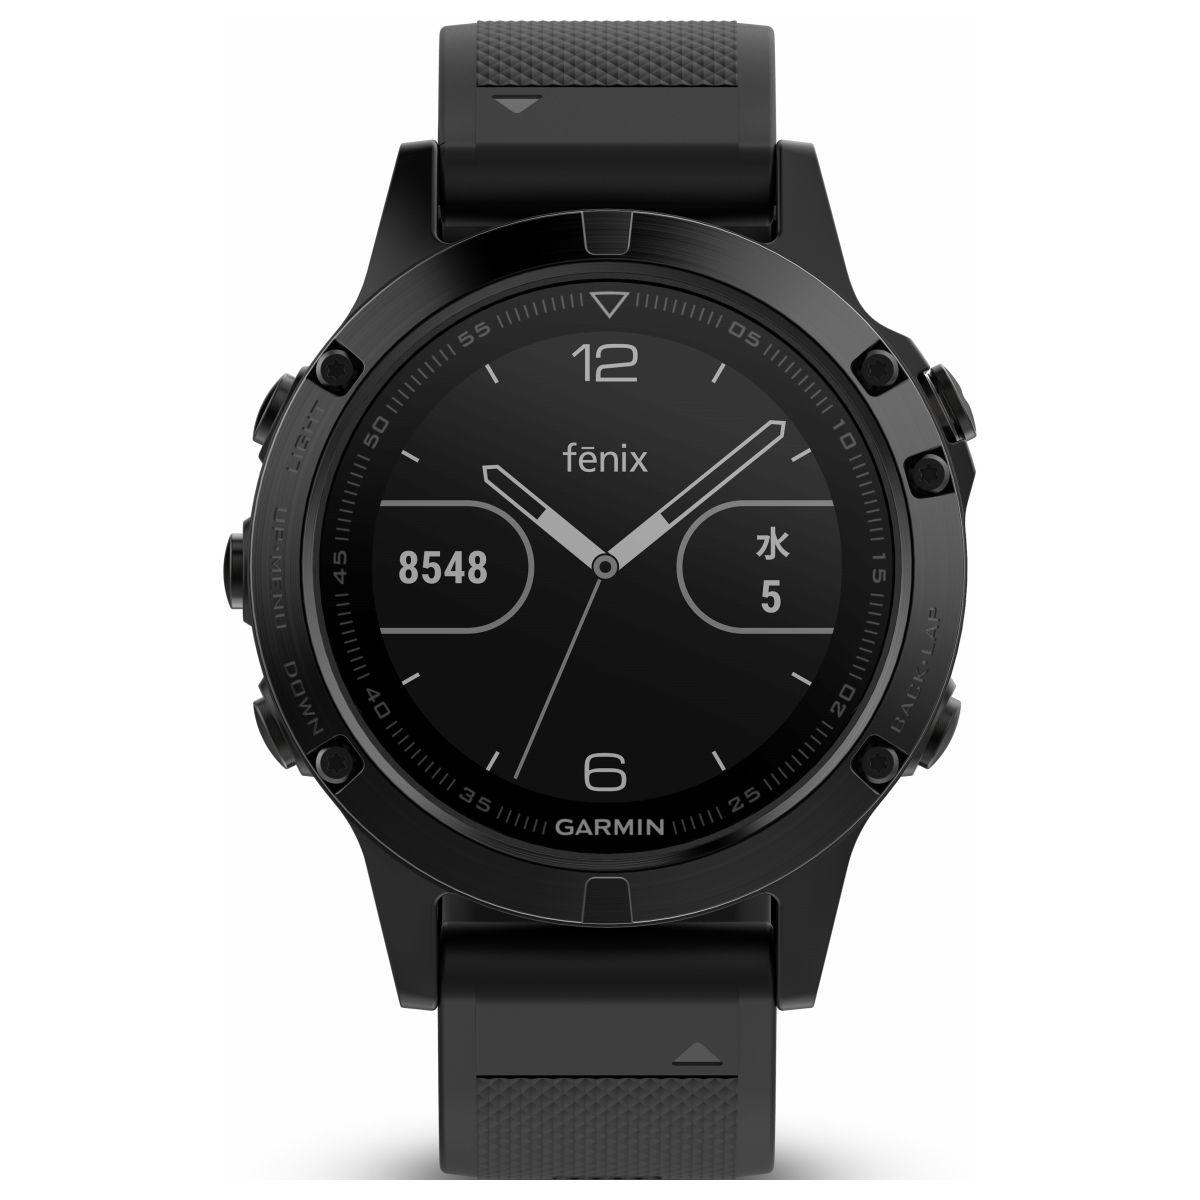 ガーミン GARMIN フェニックス 5 fenix 5 Sapphire スマートウォッチ ウェアラブル端末 腕時計 メンズ レディース 010-01688-66